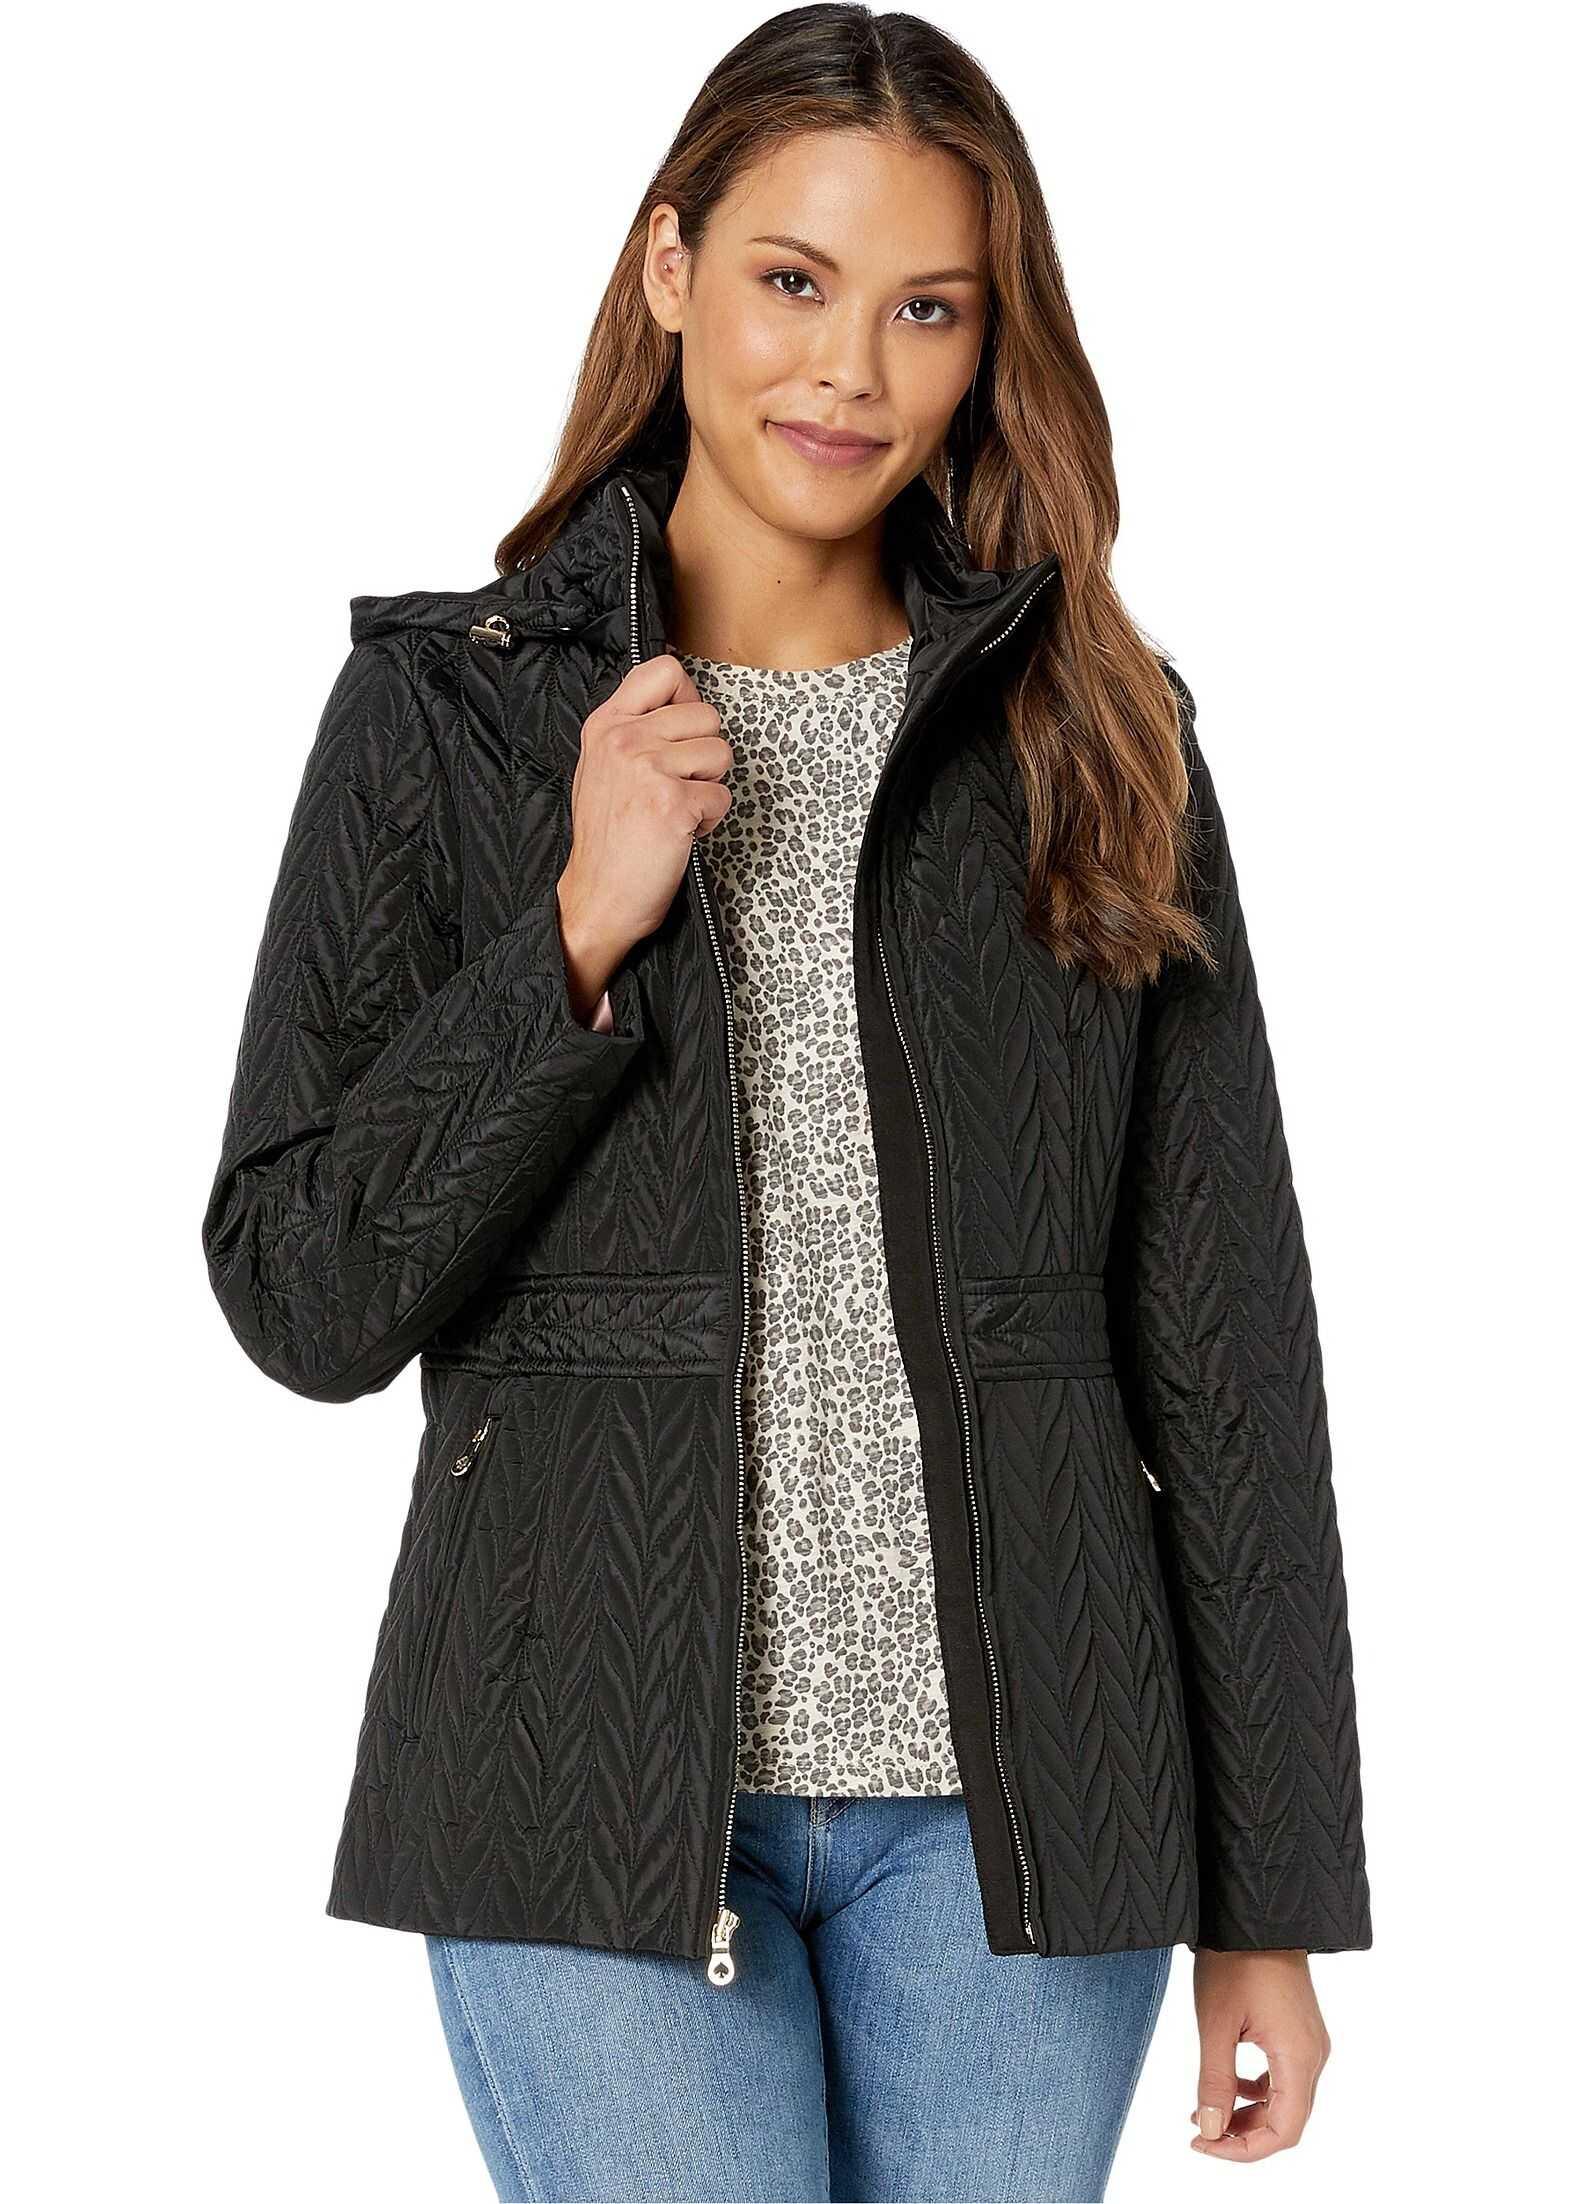 Kate Spade New York Hooded Zip-Up Black